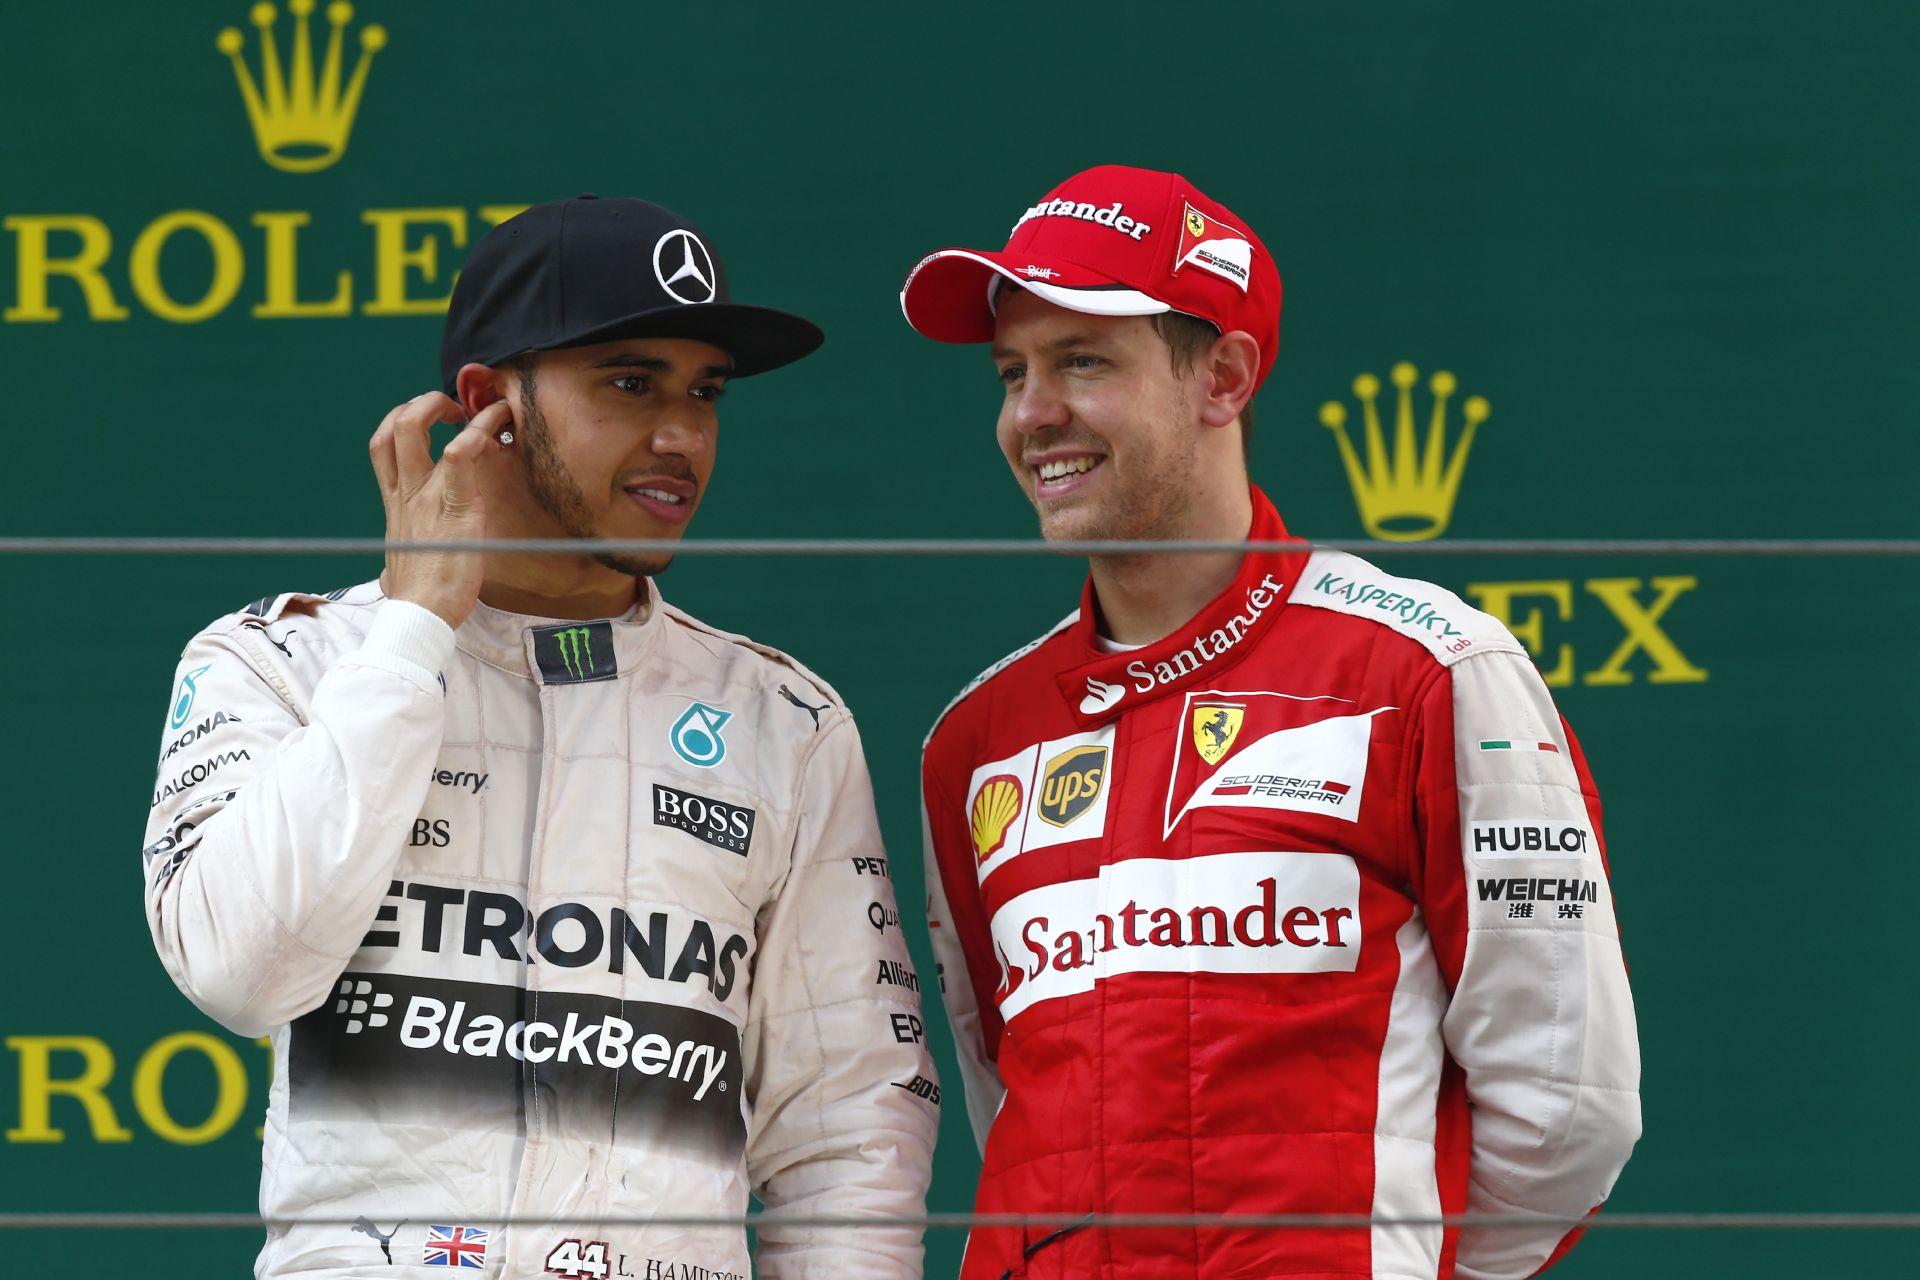 Ecclestone: Nagyszerű lenne, ha Hamilton csatlakozna a Ferrarihoz!